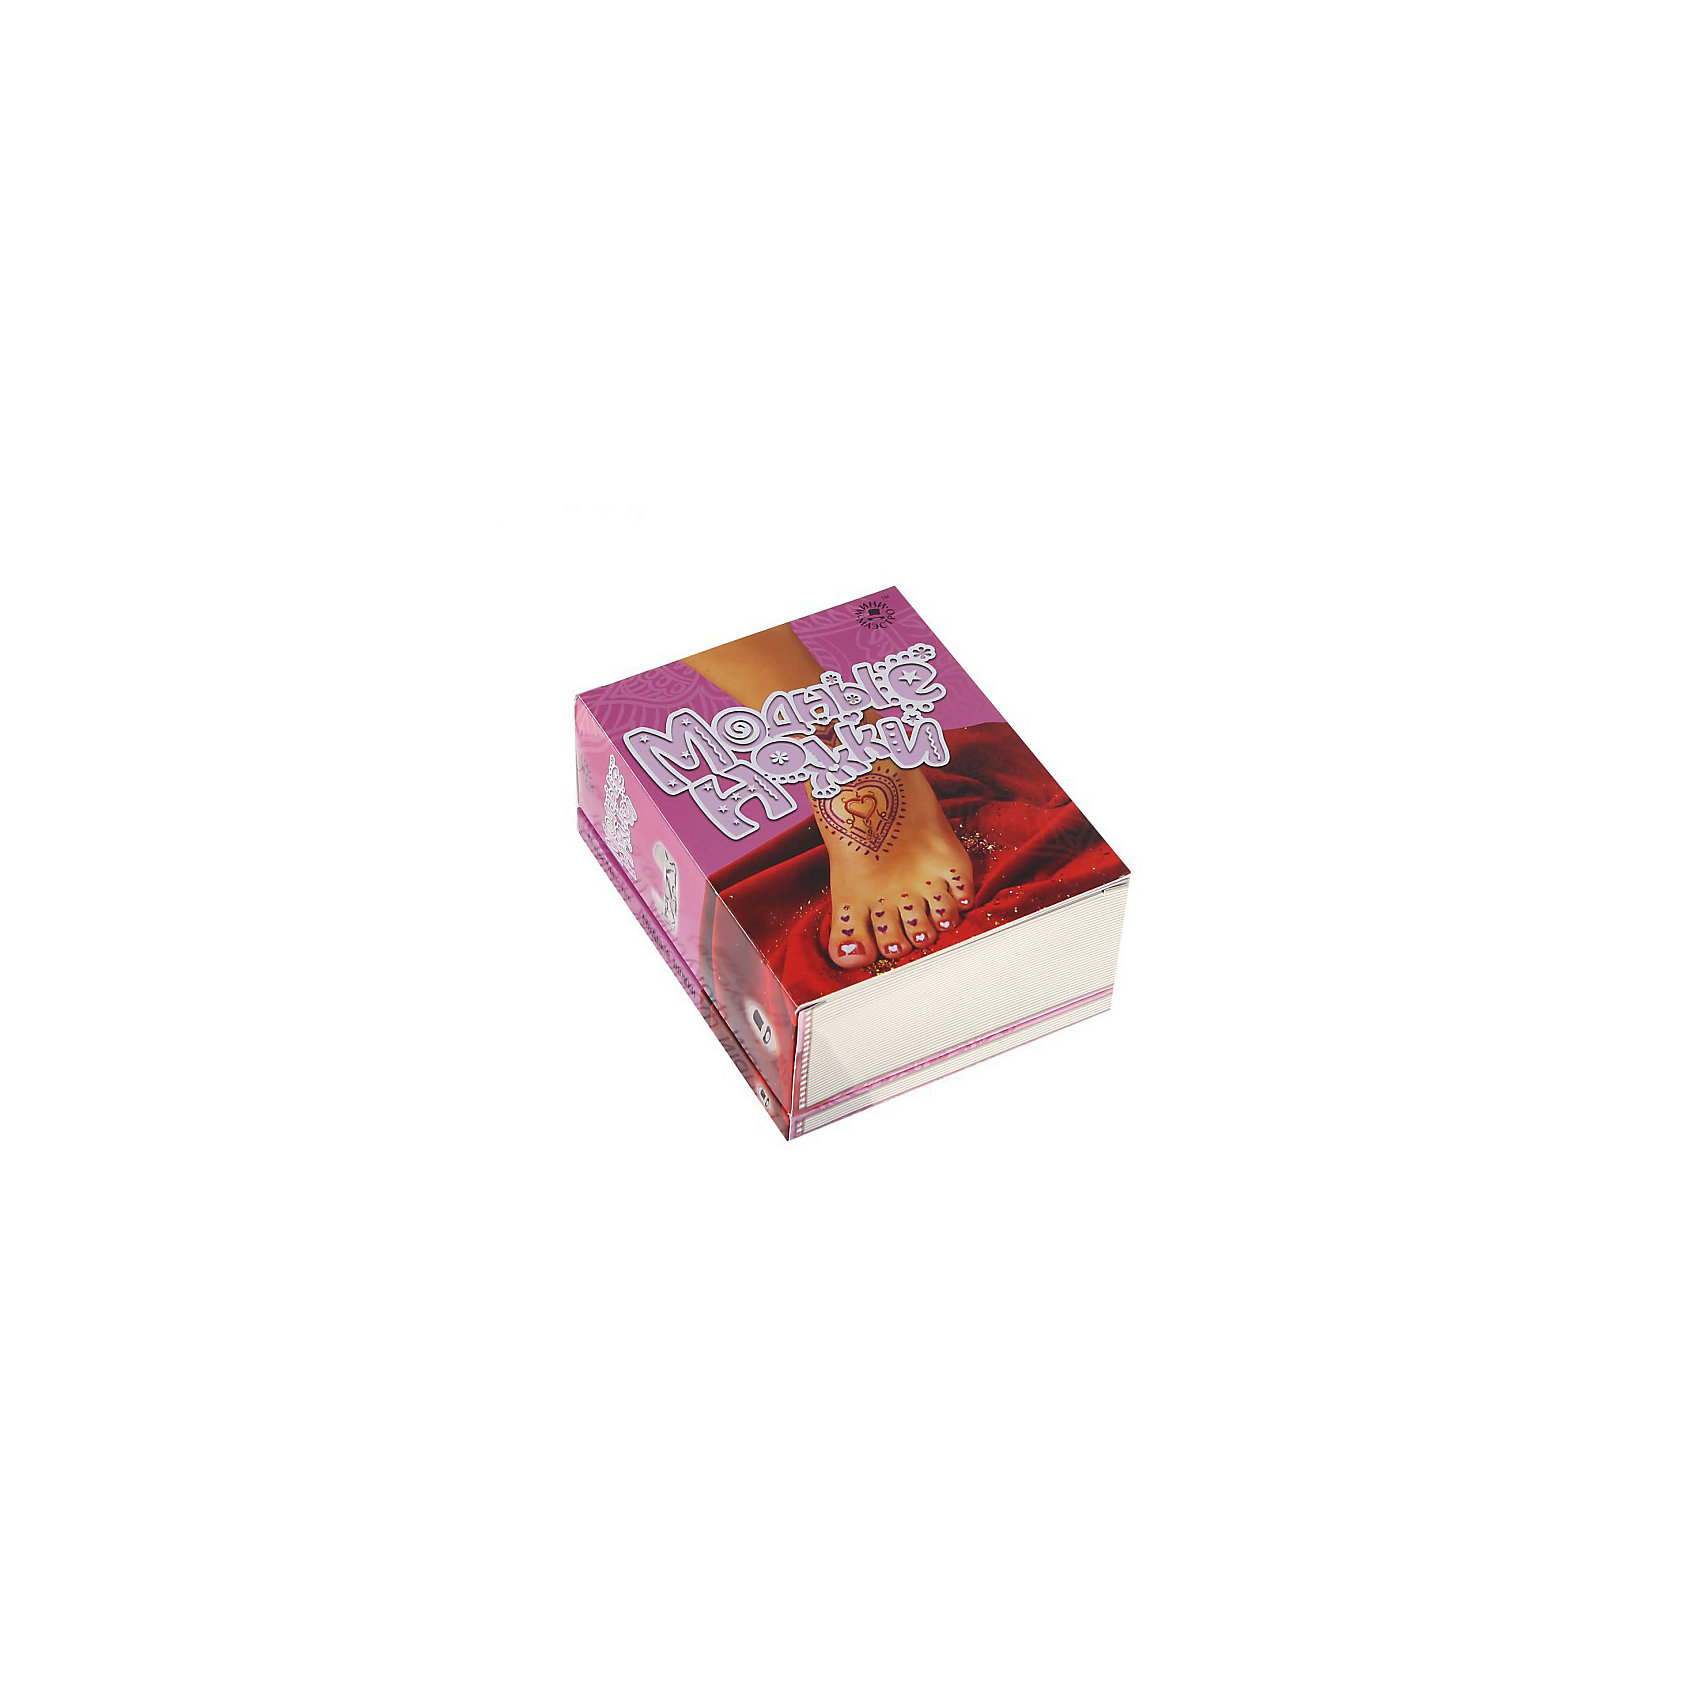 Набор Модные ножкиНаборы детской косметики<br>Мини-маэстро «Модные ножки»<br>Хочешь иметь самые модные ножки во всем городе? Тогда этот набор для тебя! В нем 48-ми страничная книга с множеством идей для дизайна и все необходимое – лак, колечко, разделитель для пальцев, переводные тату и даже стразы!<br>Дополнительная информация:<br>В набор входит:<br>- Книга с инструкциями 48 стр., цв. илл.,<br>- лак для ногтей, <br>- карандаш для тату, <br>- разделитель для пальчиков, <br>- временные тату, <br>- стразы, <br>- кольцо.<br>Размер упаковки (д/ш/в): 95 х 52 х 120 мм<br>Преврати свои ножки в произведение искусства!<br><br>Ширина мм: 95<br>Глубина мм: 52<br>Высота мм: 120<br>Вес г: 300<br>Возраст от месяцев: 72<br>Возраст до месяцев: 144<br>Пол: Женский<br>Возраст: Детский<br>SKU: 2358209